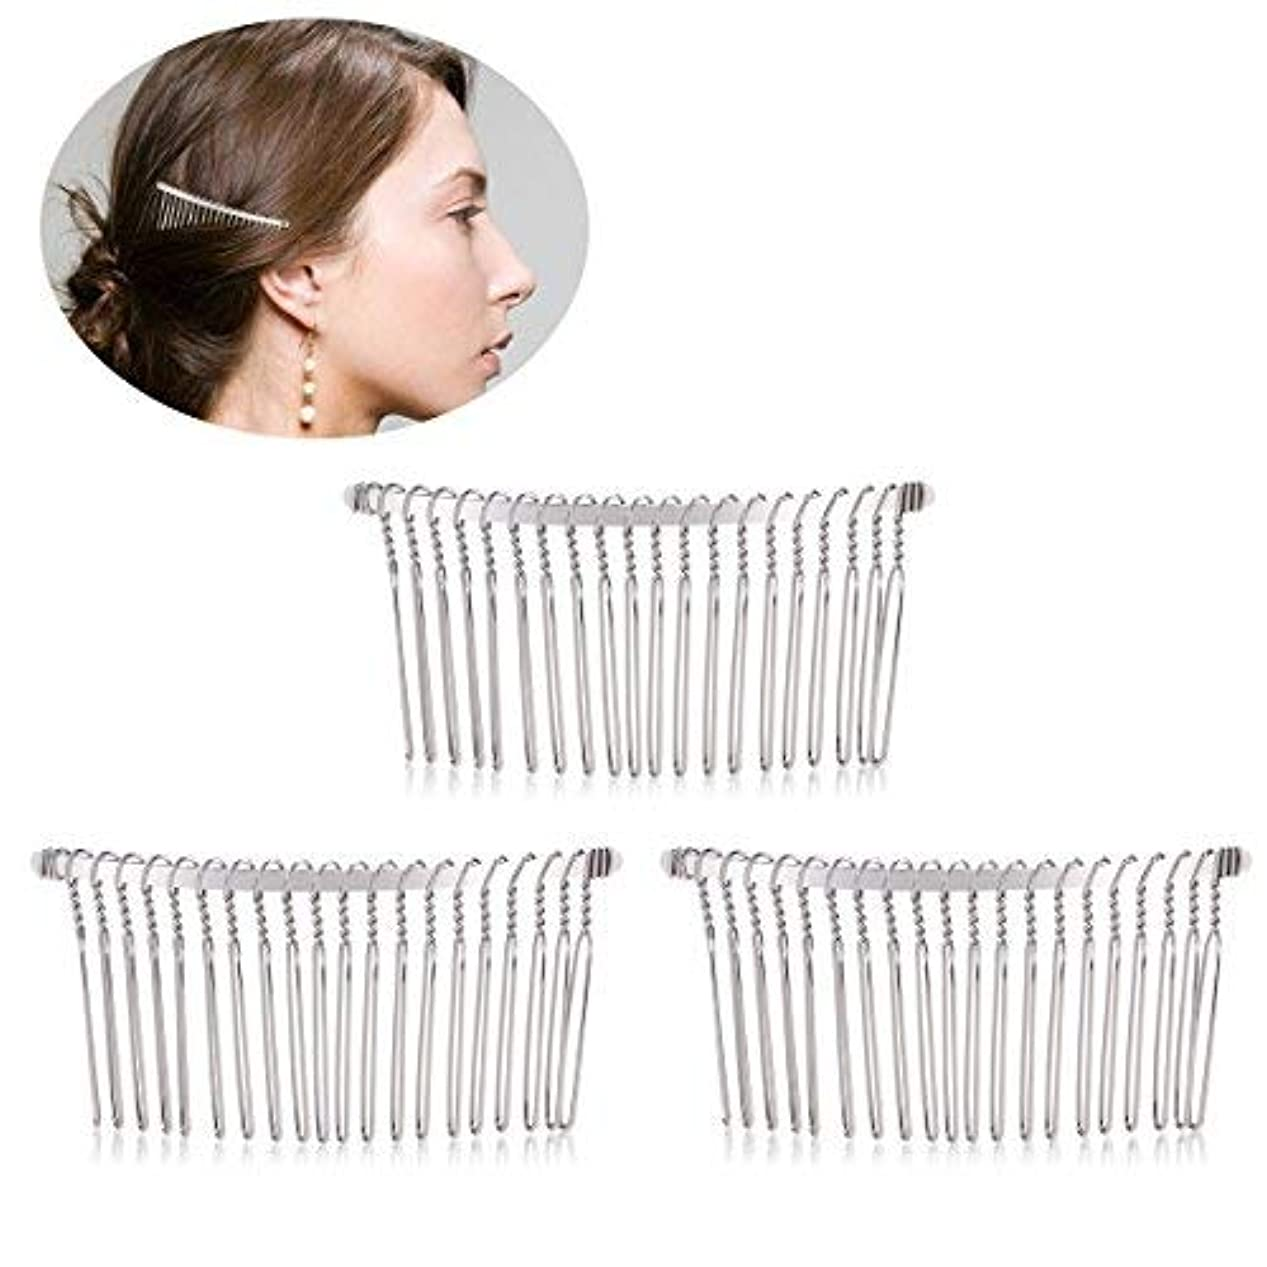 連続した同情的ベーカリーPixnor 3pcs 7.8cm 20 Teeth Fancy DIY Metal Wire Hair Clip Combs Bridal Wedding Veil Combs (Silver) [並行輸入品]